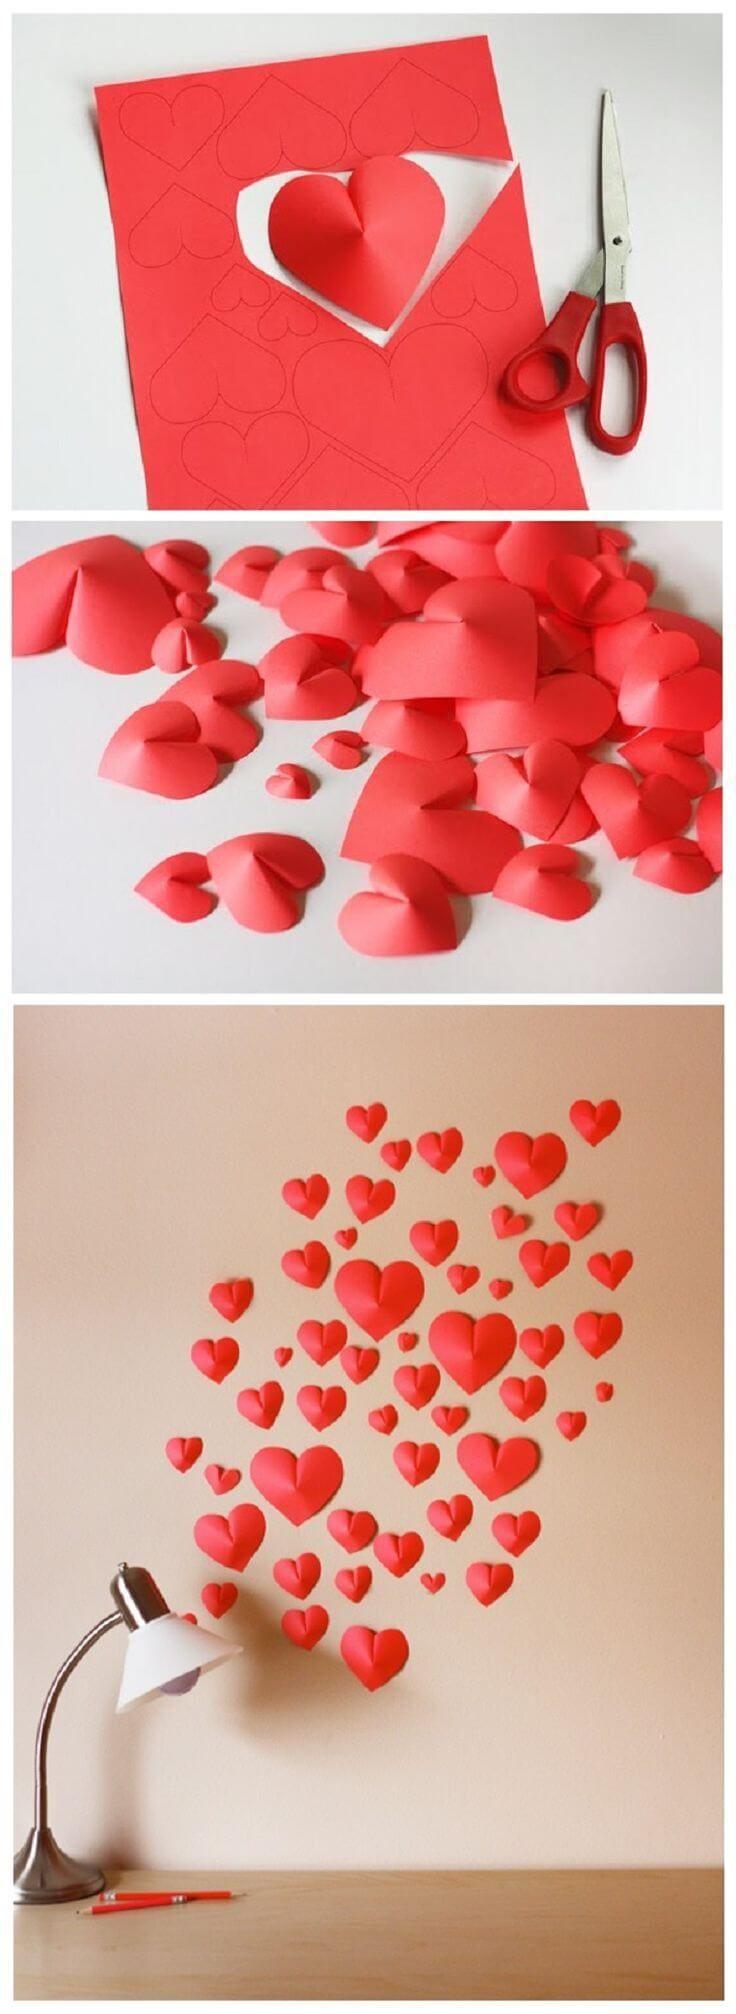 Sevgililer Günü Kendin Yap Dekorasyon